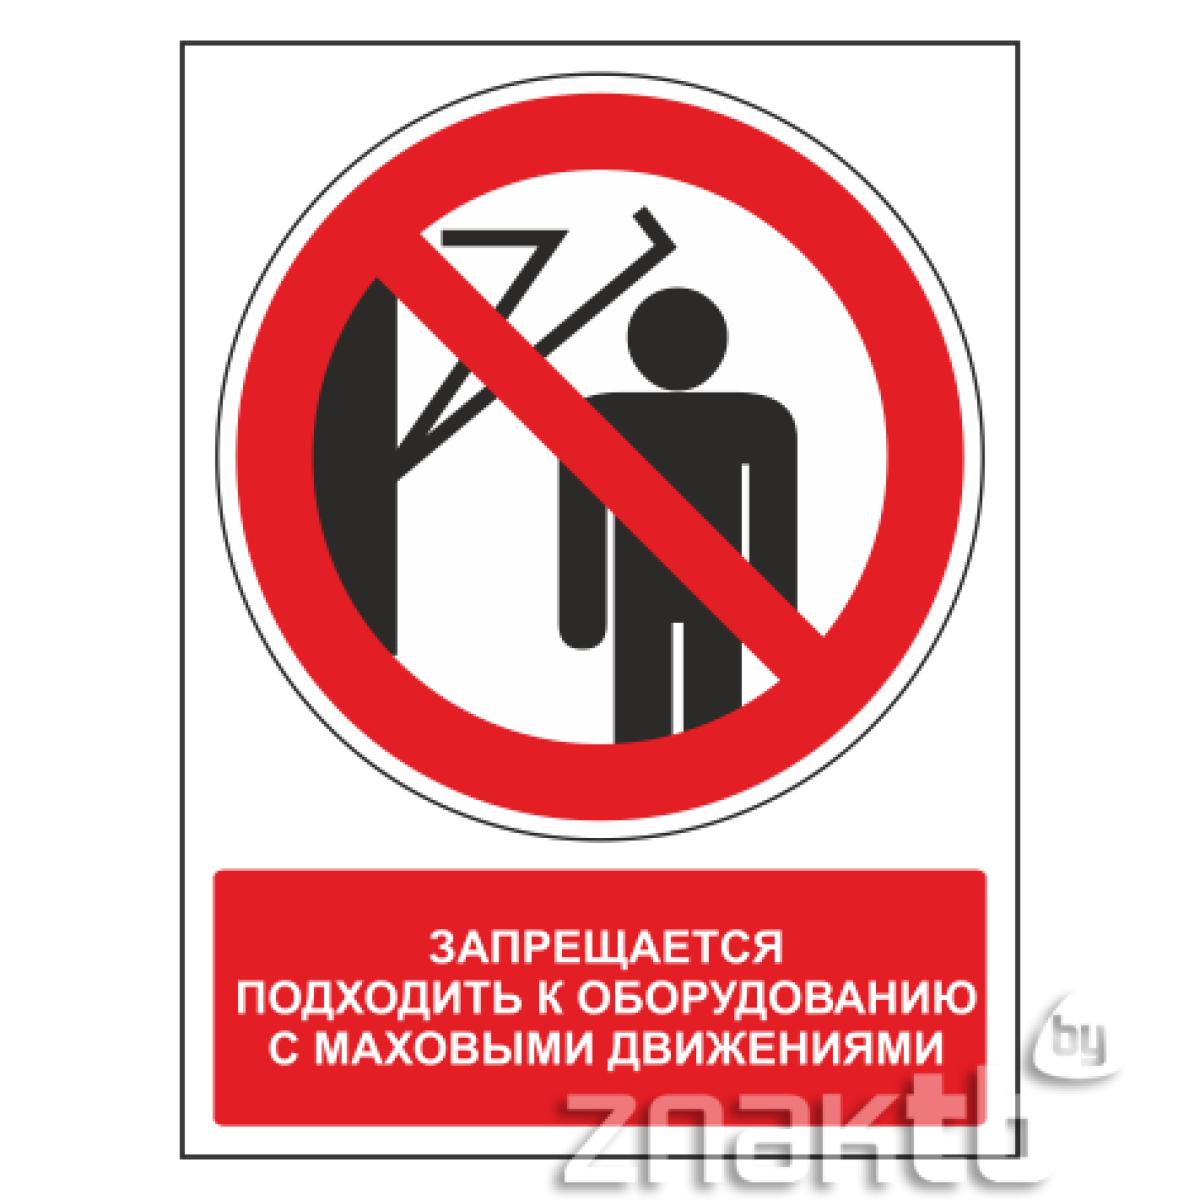 462 Знак Запрещается подходить к оборудованию с маховыми движениеями(с поясняющей надписью)